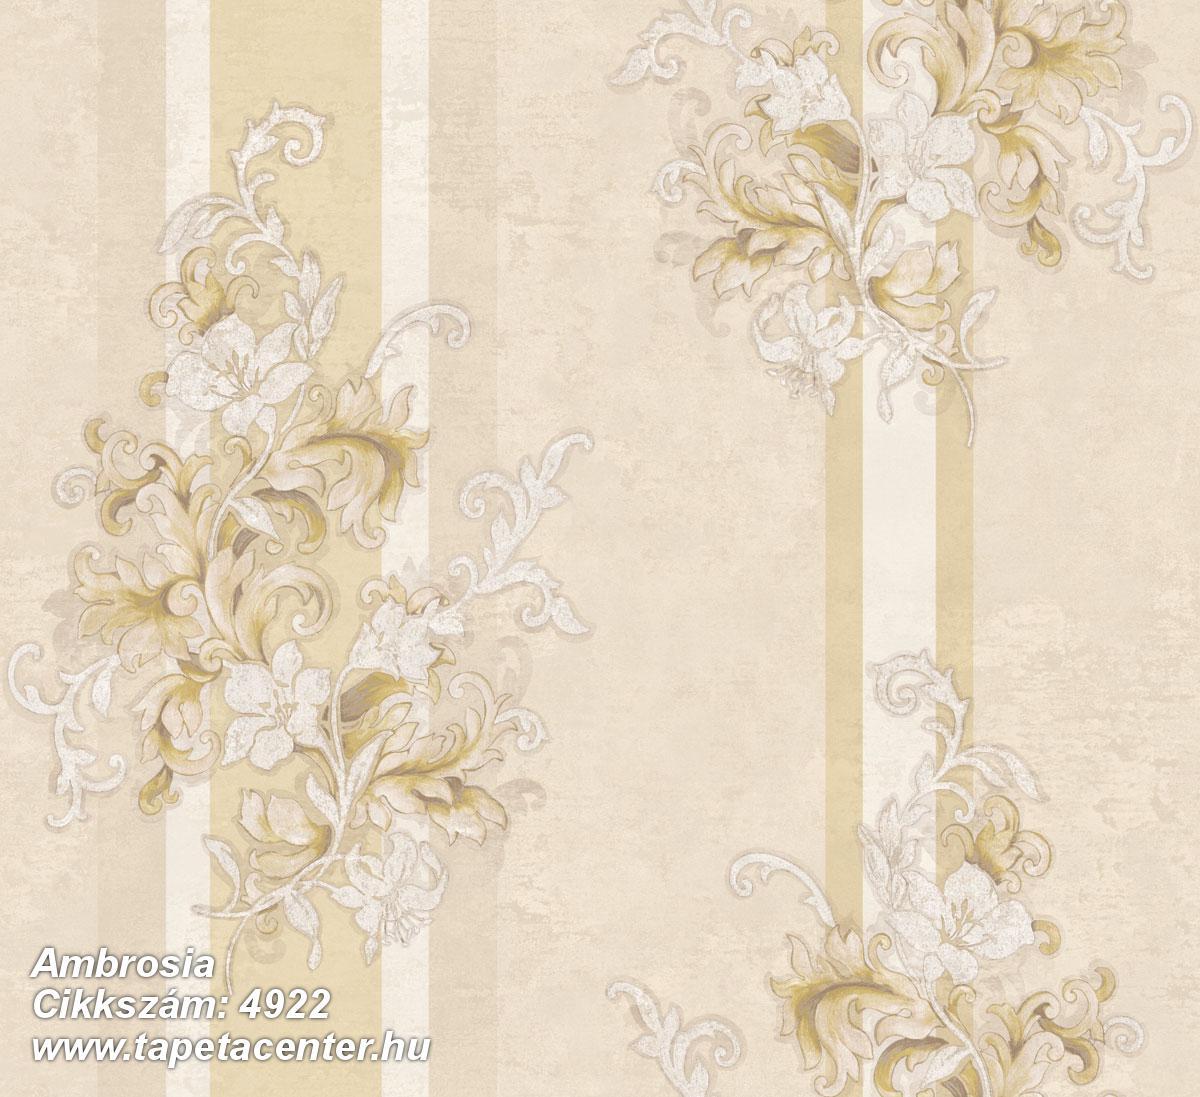 Barokk-klasszikus,csíkos,természeti mintás,textil hatású,virágmintás,arany,bézs-drapp,fehér,súrolható,vlies tapéta